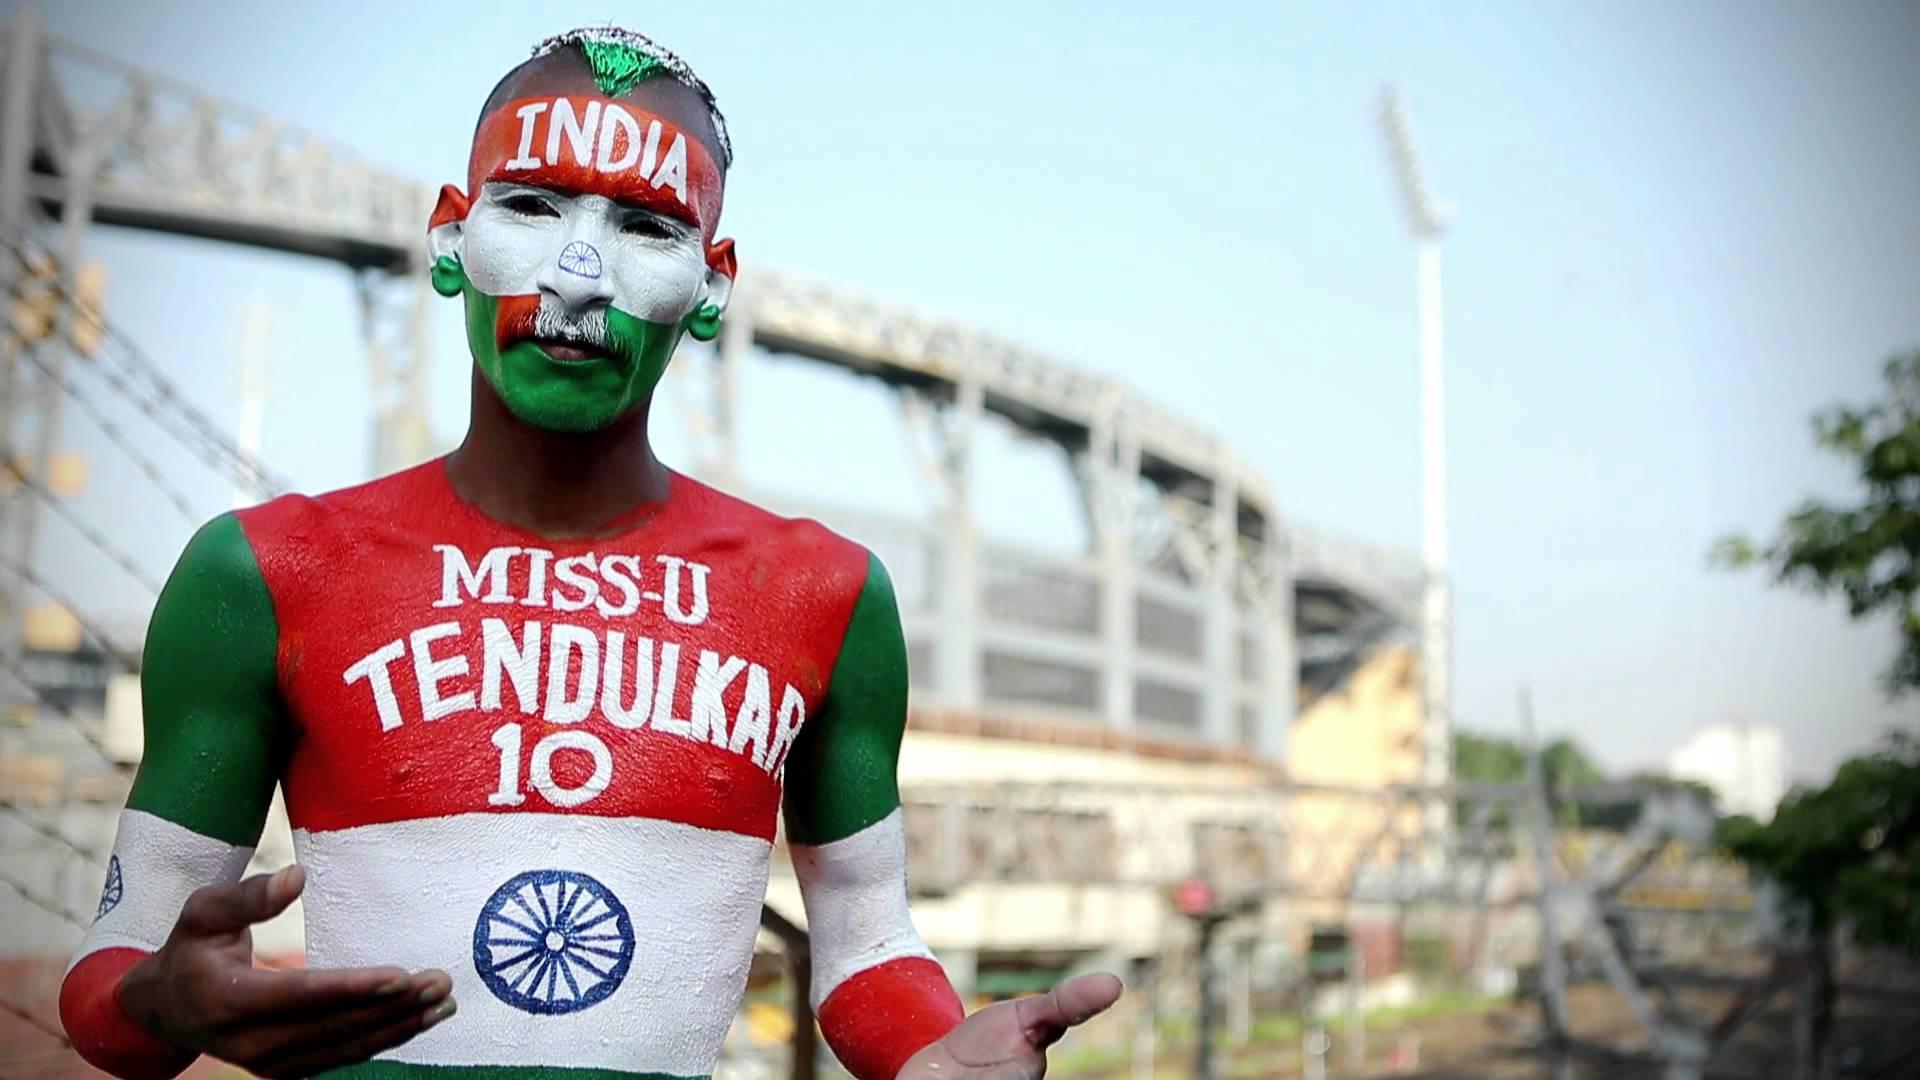 भारतीय टीम का हौसला बढ़ाने अहमदाबाद पहुंचे क्रिकेट फैन सुधीर 1